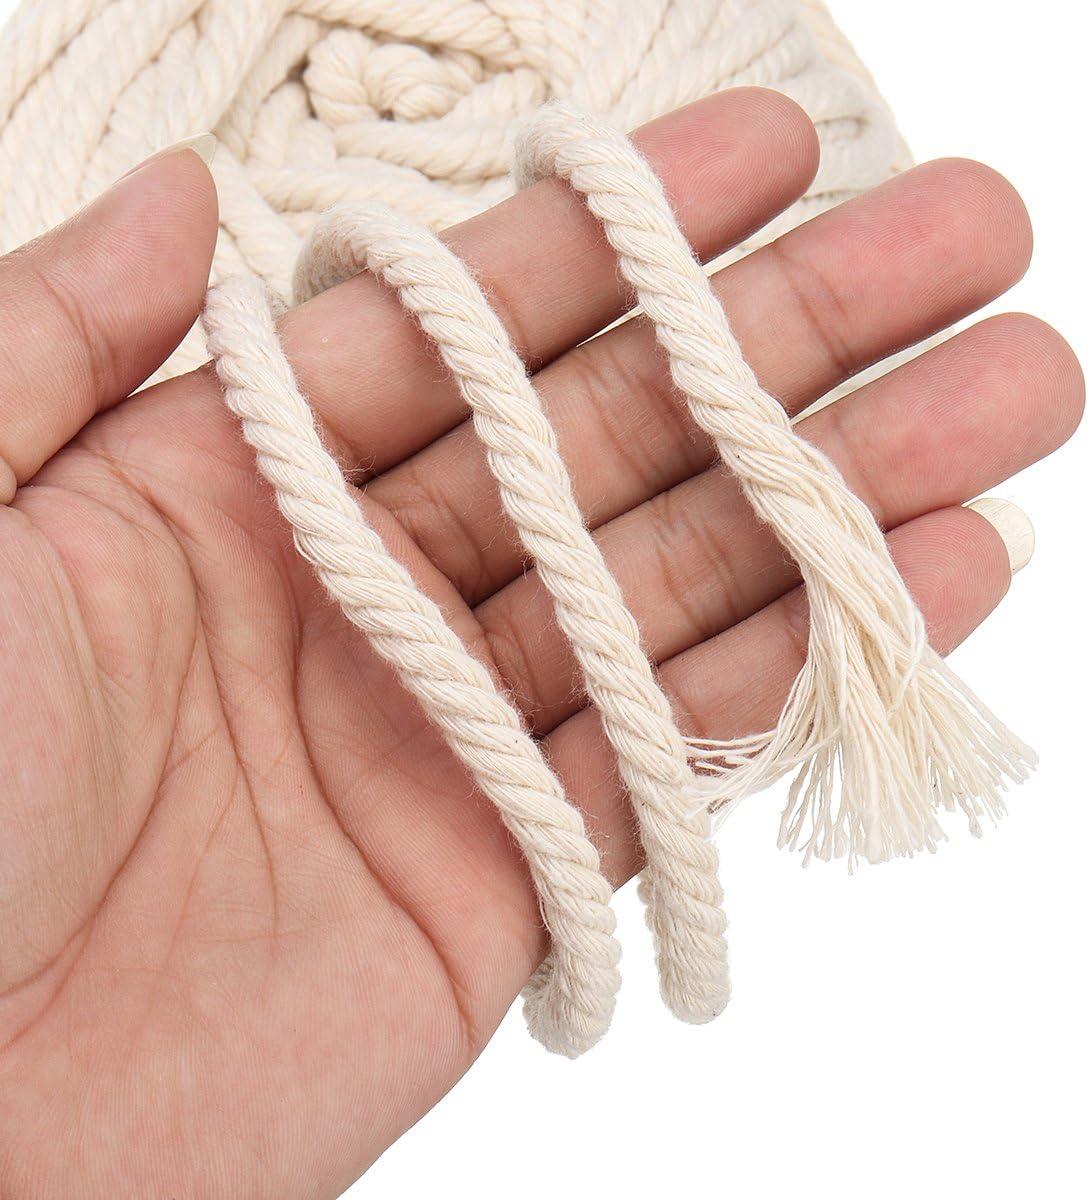 Cuerda de yute trenzada de 10 mm x 10 metros Cotton Rope